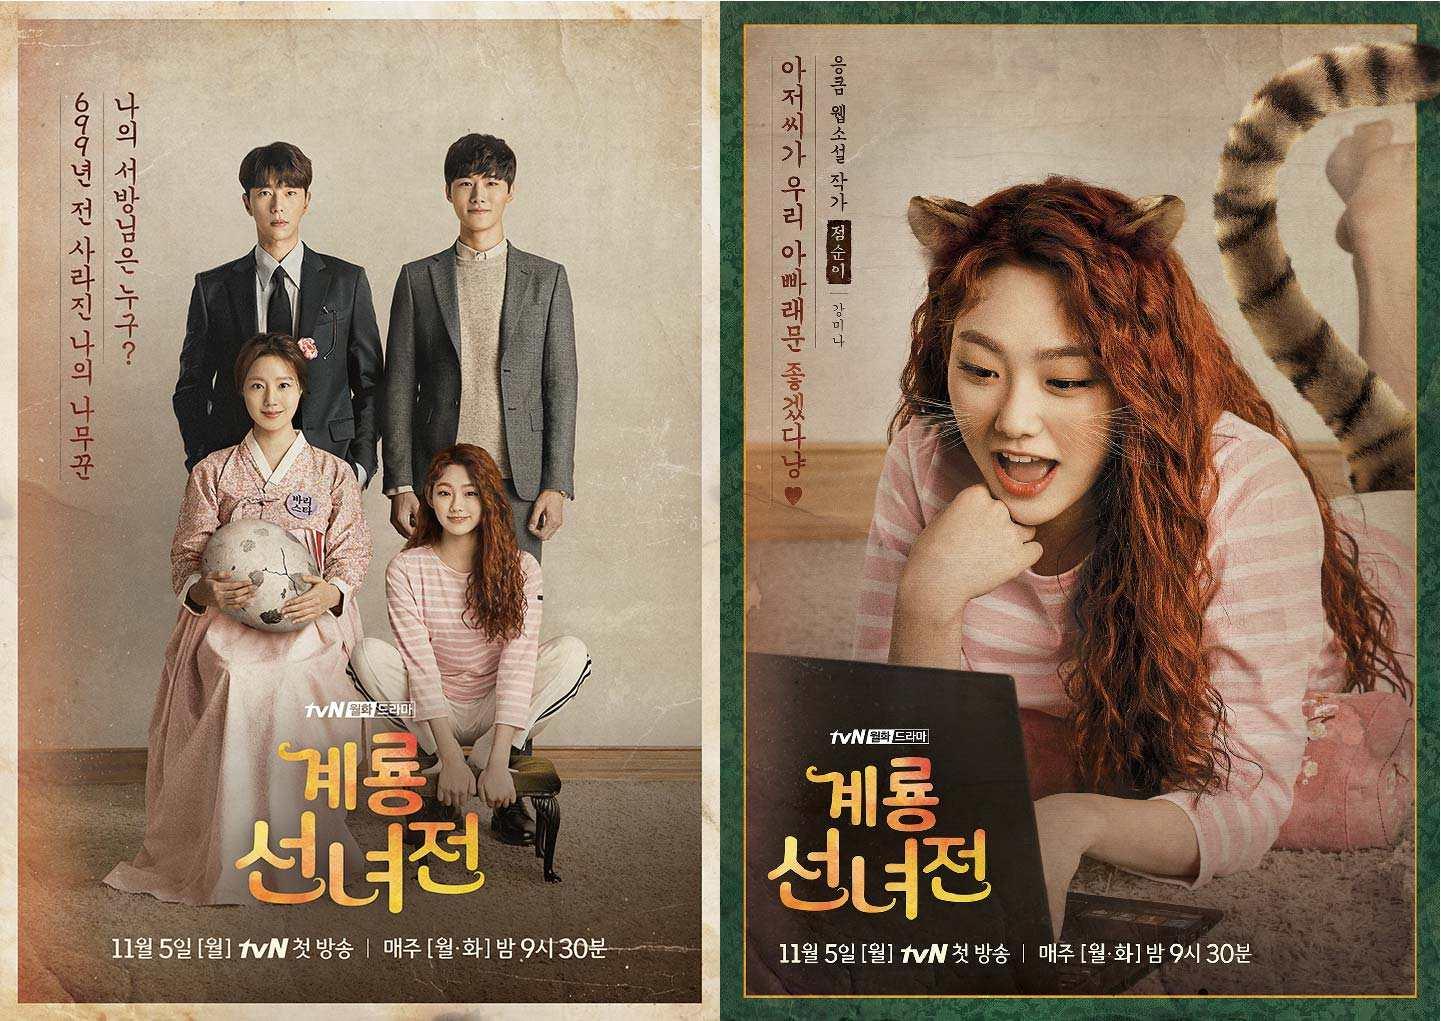 除了美妝、主持,美娜最近更是出演了tvN的新劇《雞龍仙女傳》~內容描述一位自朝鮮時代開始生活的仙女,尋找轉世投胎的丈夫,並隨之發現更多事情的奇幻故事~(覺得很妙的劇情)而美娜在劇中飾演女主角的女兒~造型真的超可愛~